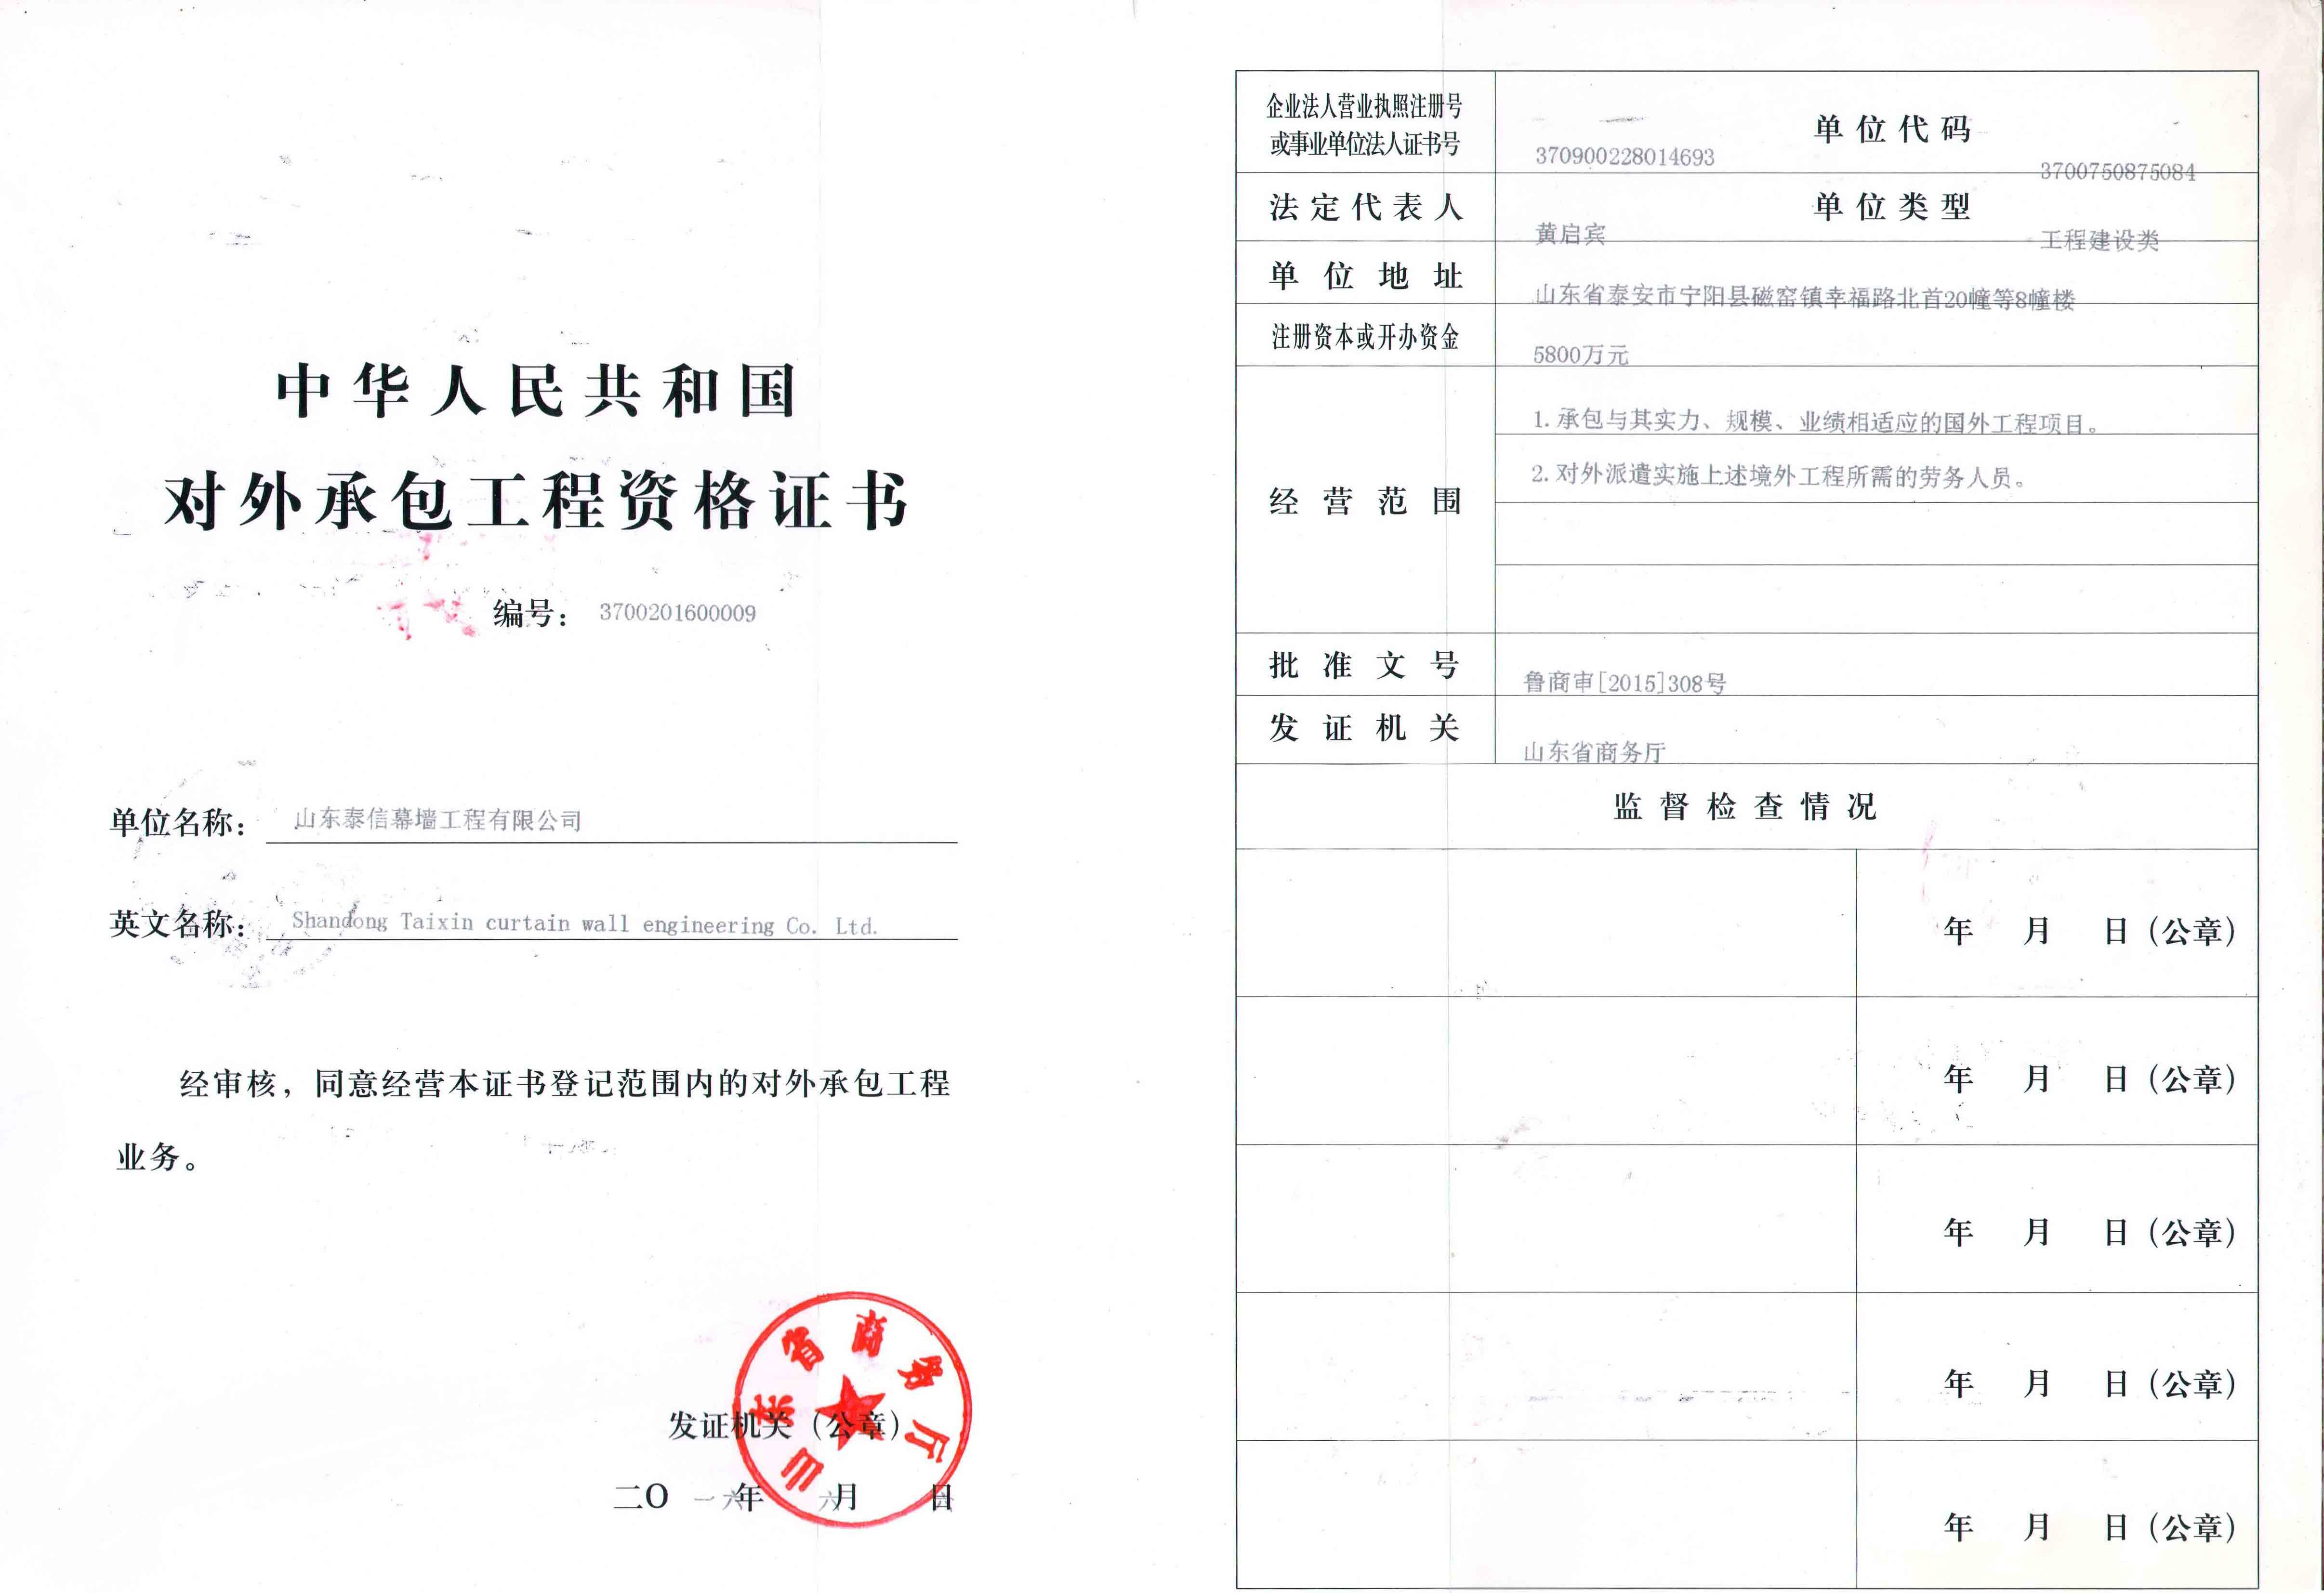 中华人民共和国对外承包工程资格证书